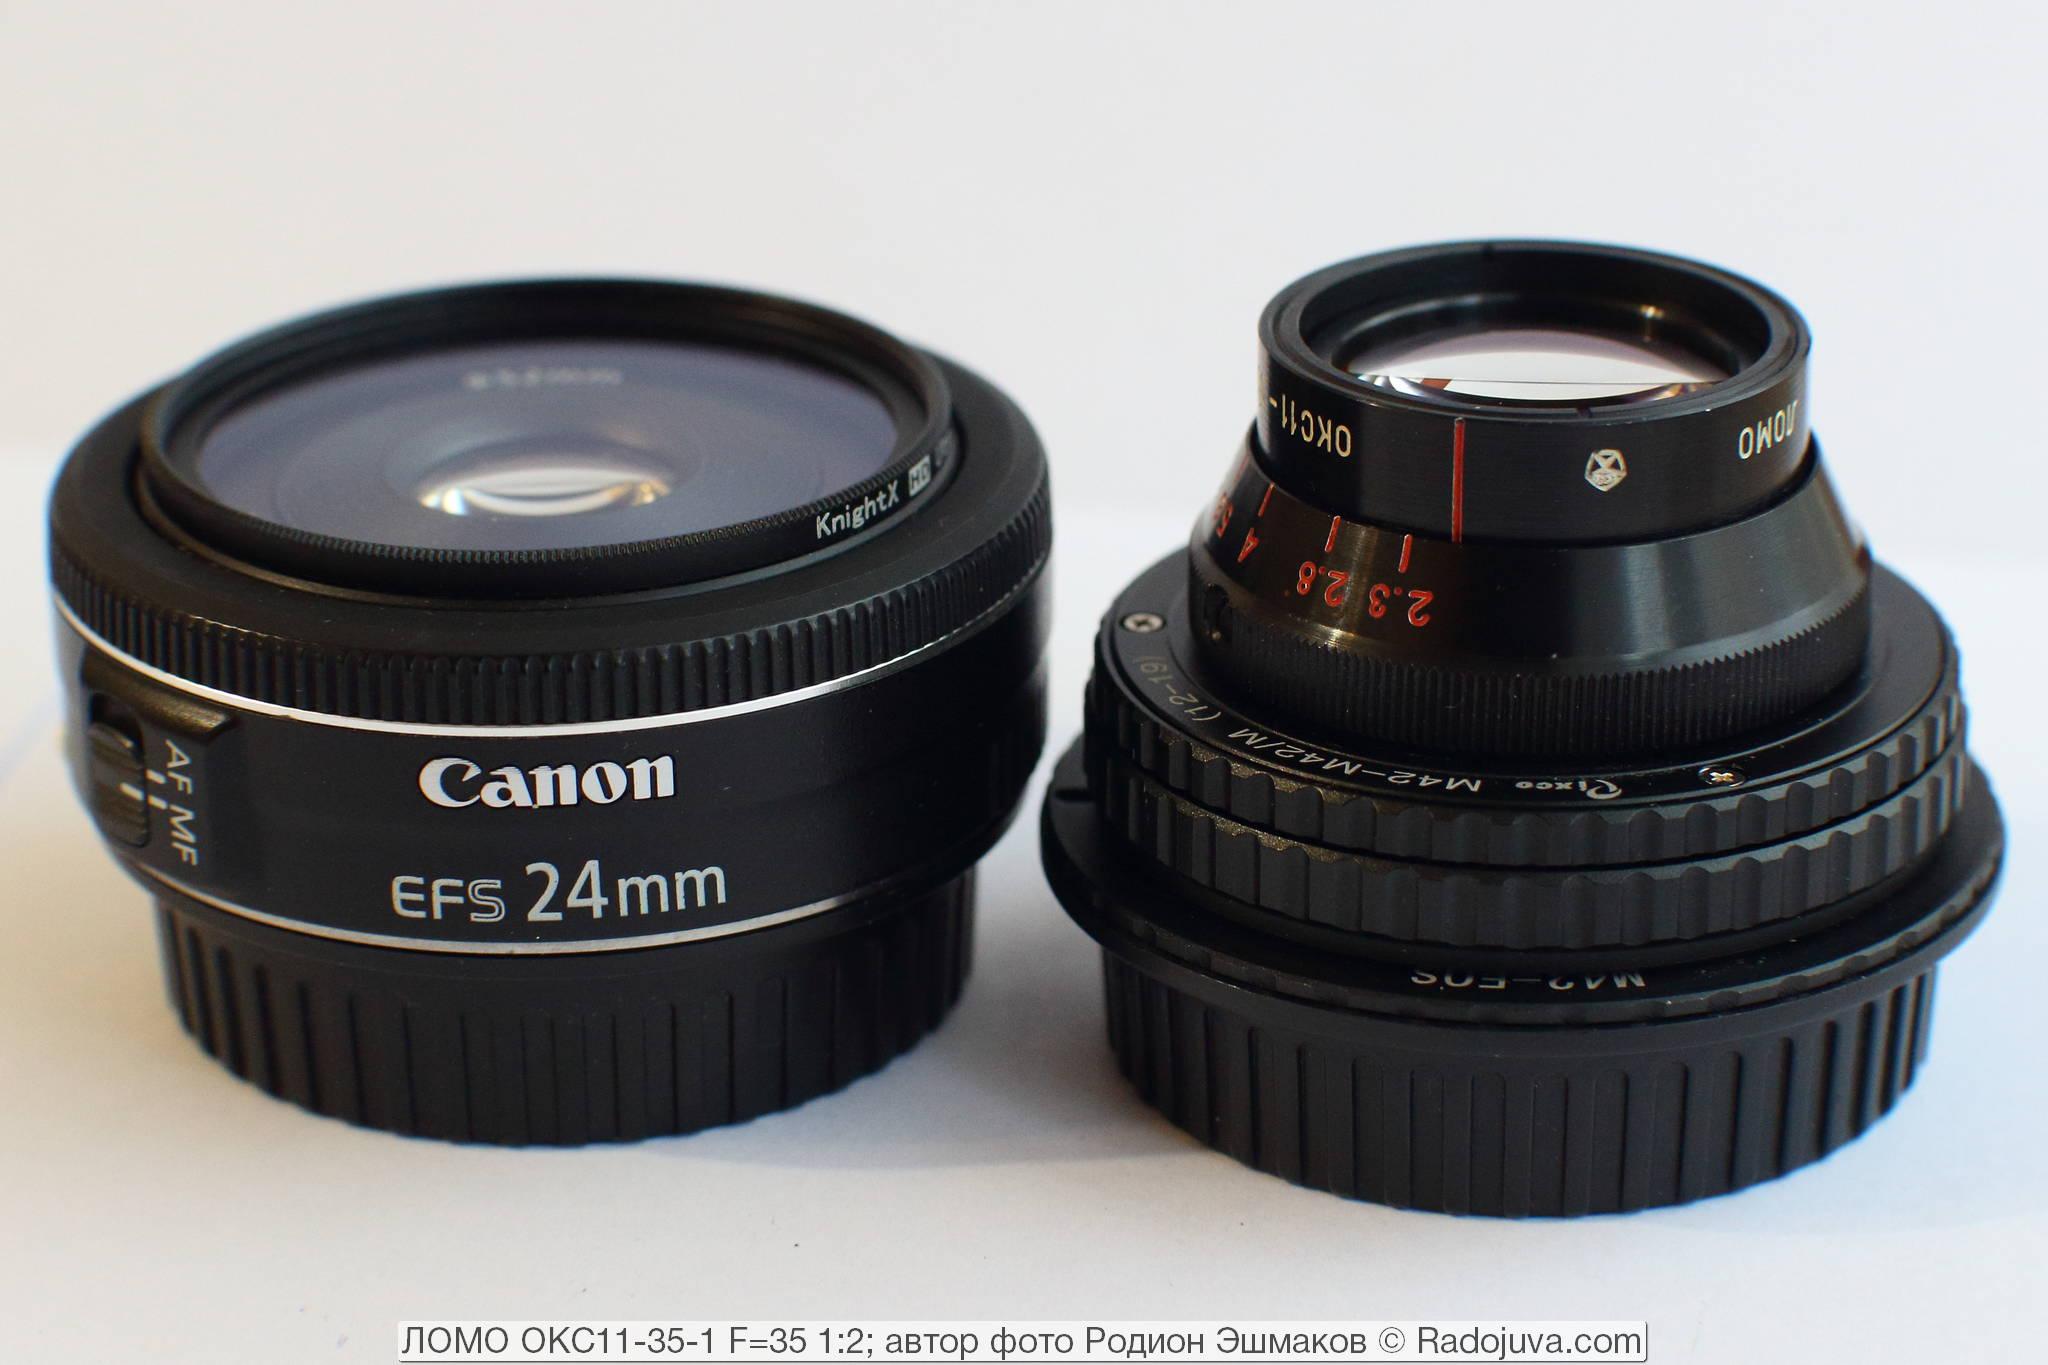 Адаптированный ОКС11-35-1 в сравнении с Canon EF-S 24/2.8 STM. Виден знак качества на кинообъективе.